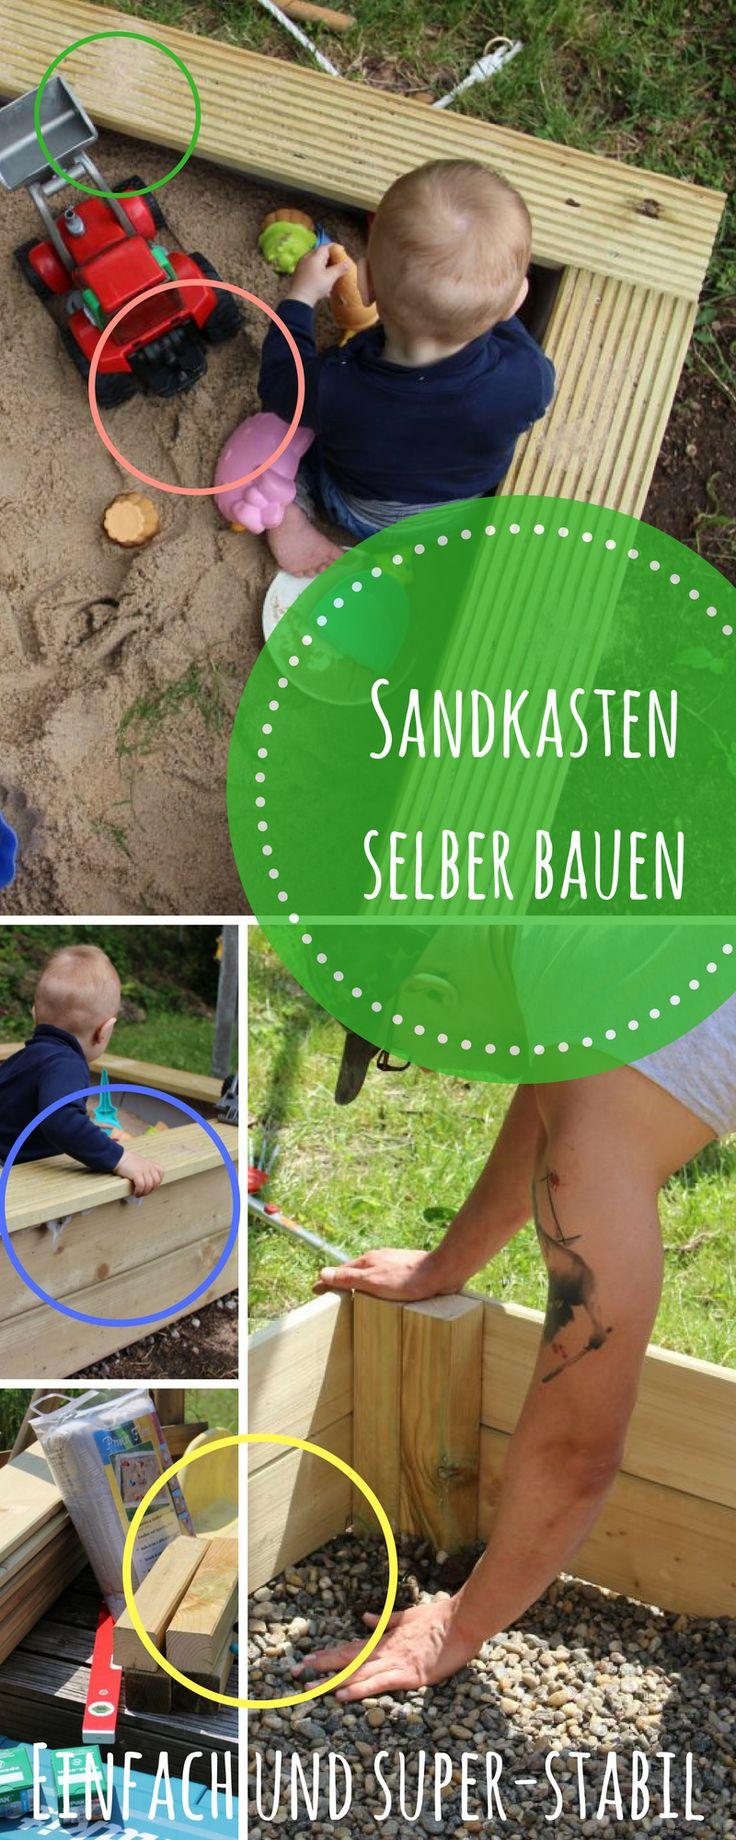 Ein Sandkasten ist für Kinder einfach perfekt und auch für einen kleinen Garten gut geeignet. Mit dieser Vorlage baust Du einen Sandkasten aus Holz selbst - besonders stabil und haltbar. DIY für den Familien - Garten oder Balkon